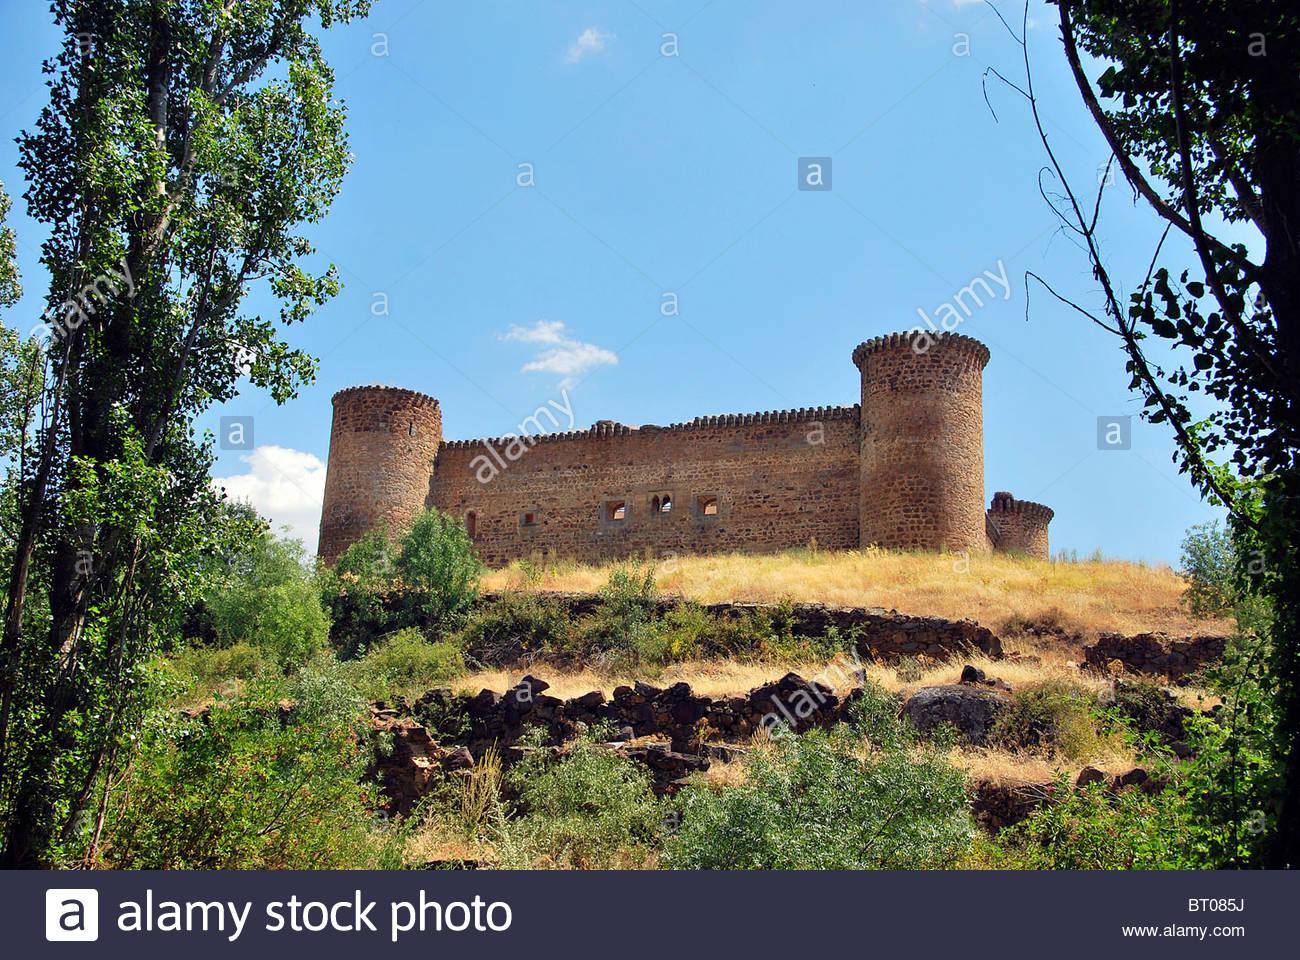 Old medieval castle in Barco de Avila. Avila. Spain Stock Photo